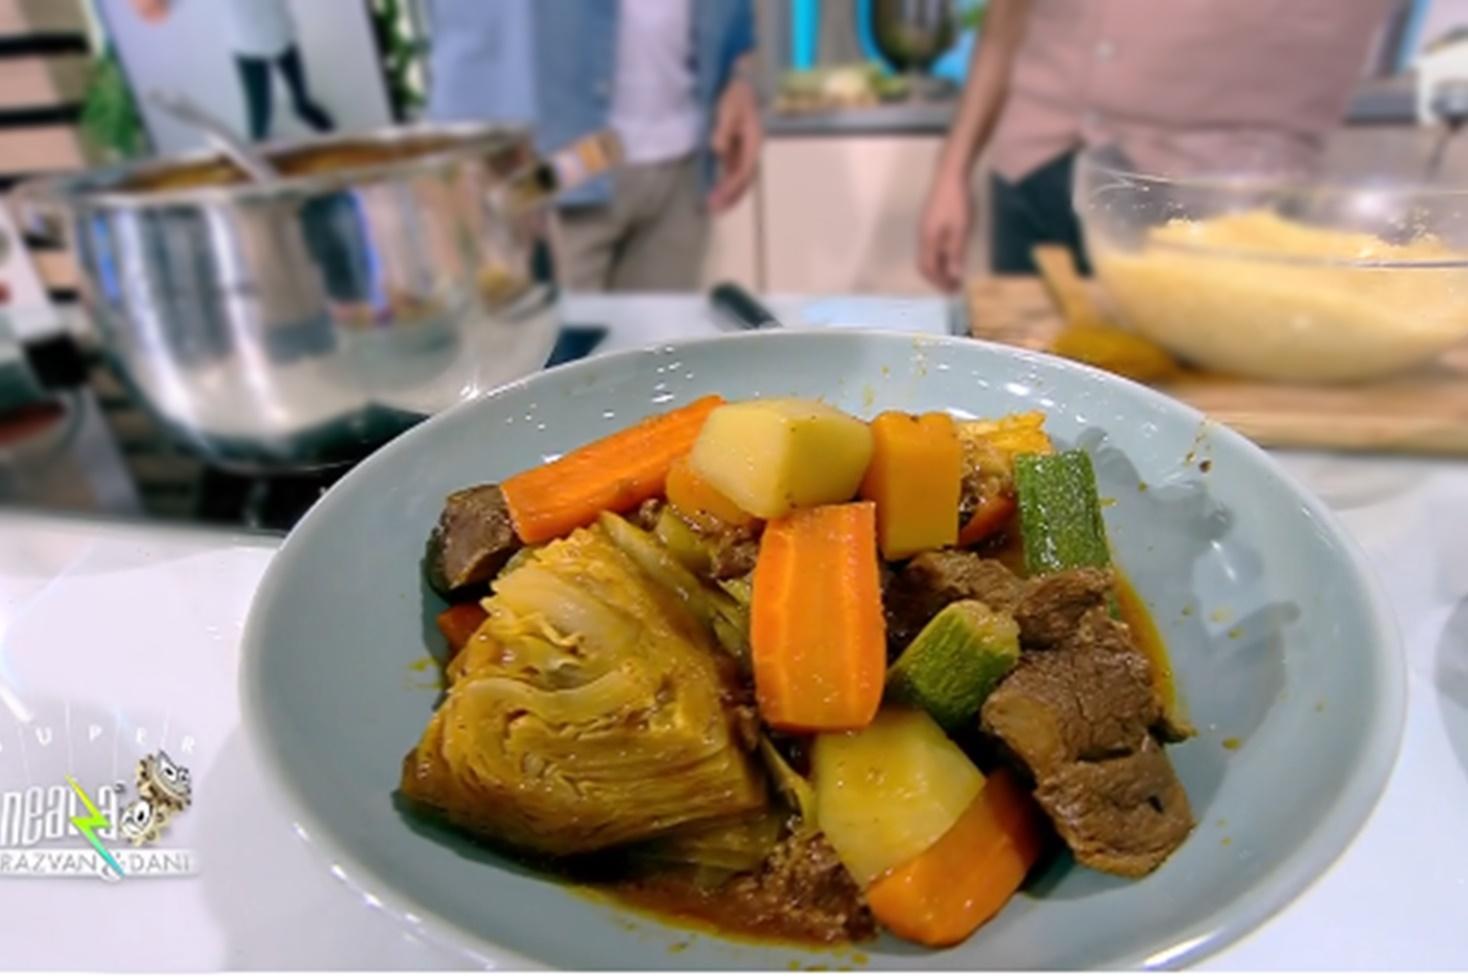 Rețetă de miel în stil marocan cu multe legume și cușcus, preparată de chef Nicolai Tand la Super Neatza